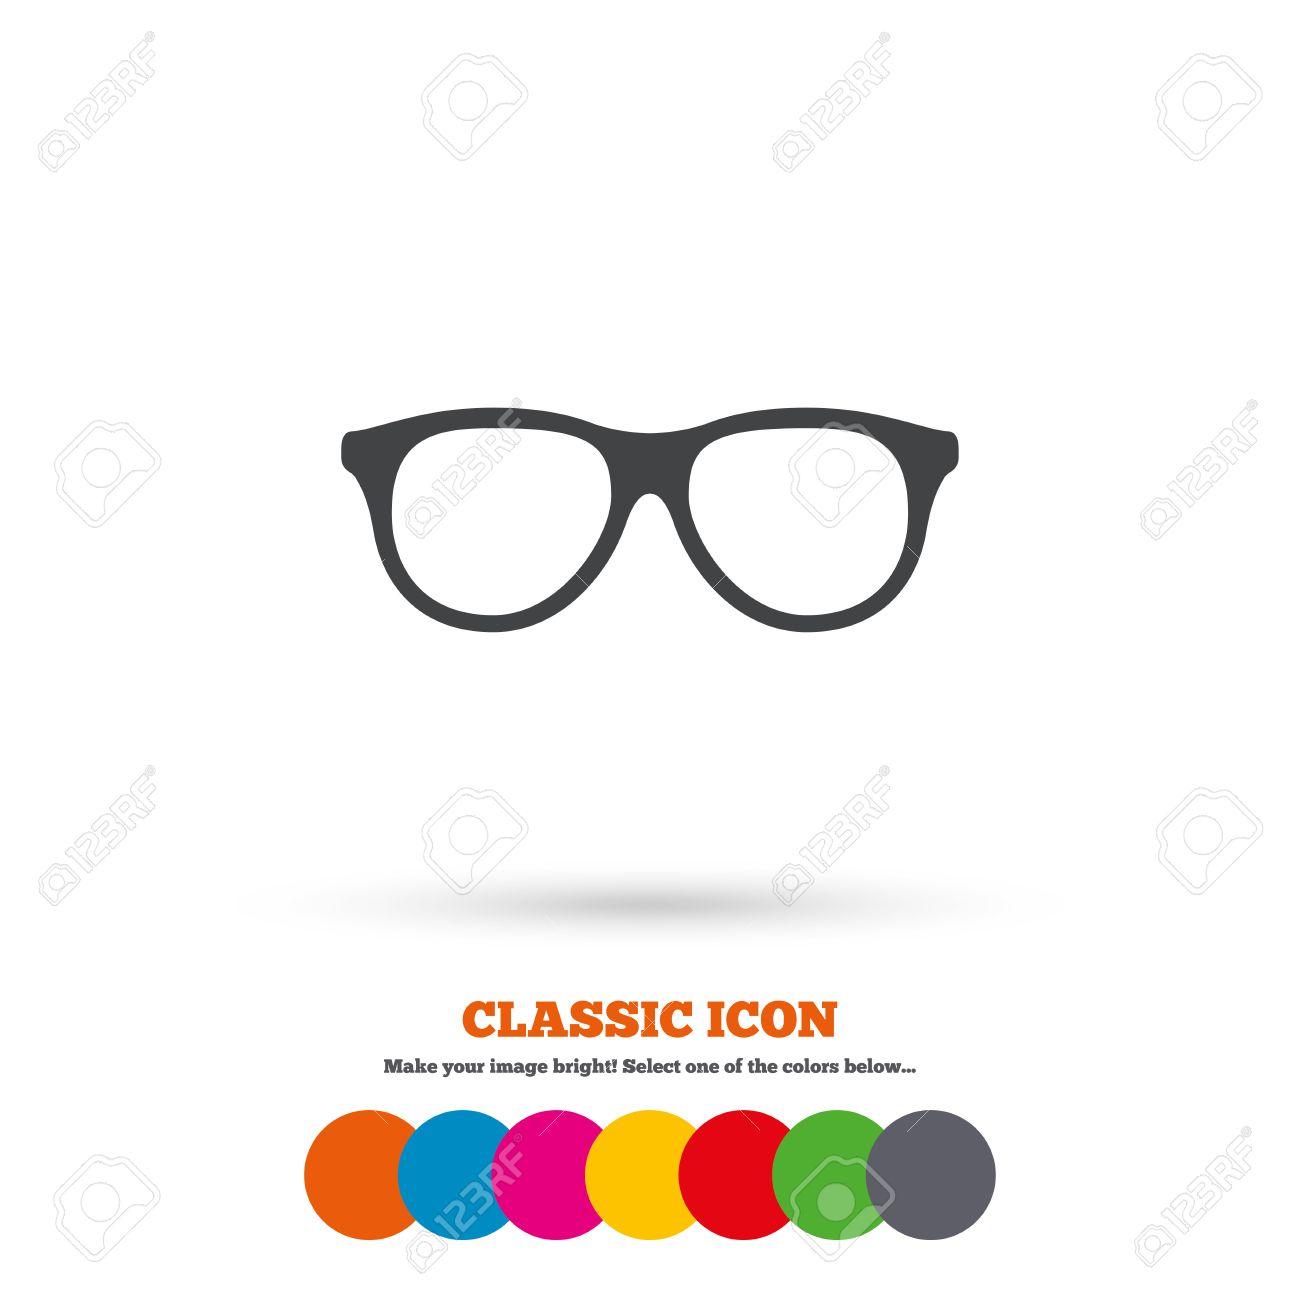 Vidrios Retros Firman Icono. Símbolo De Montura De Gafas. Icono ...